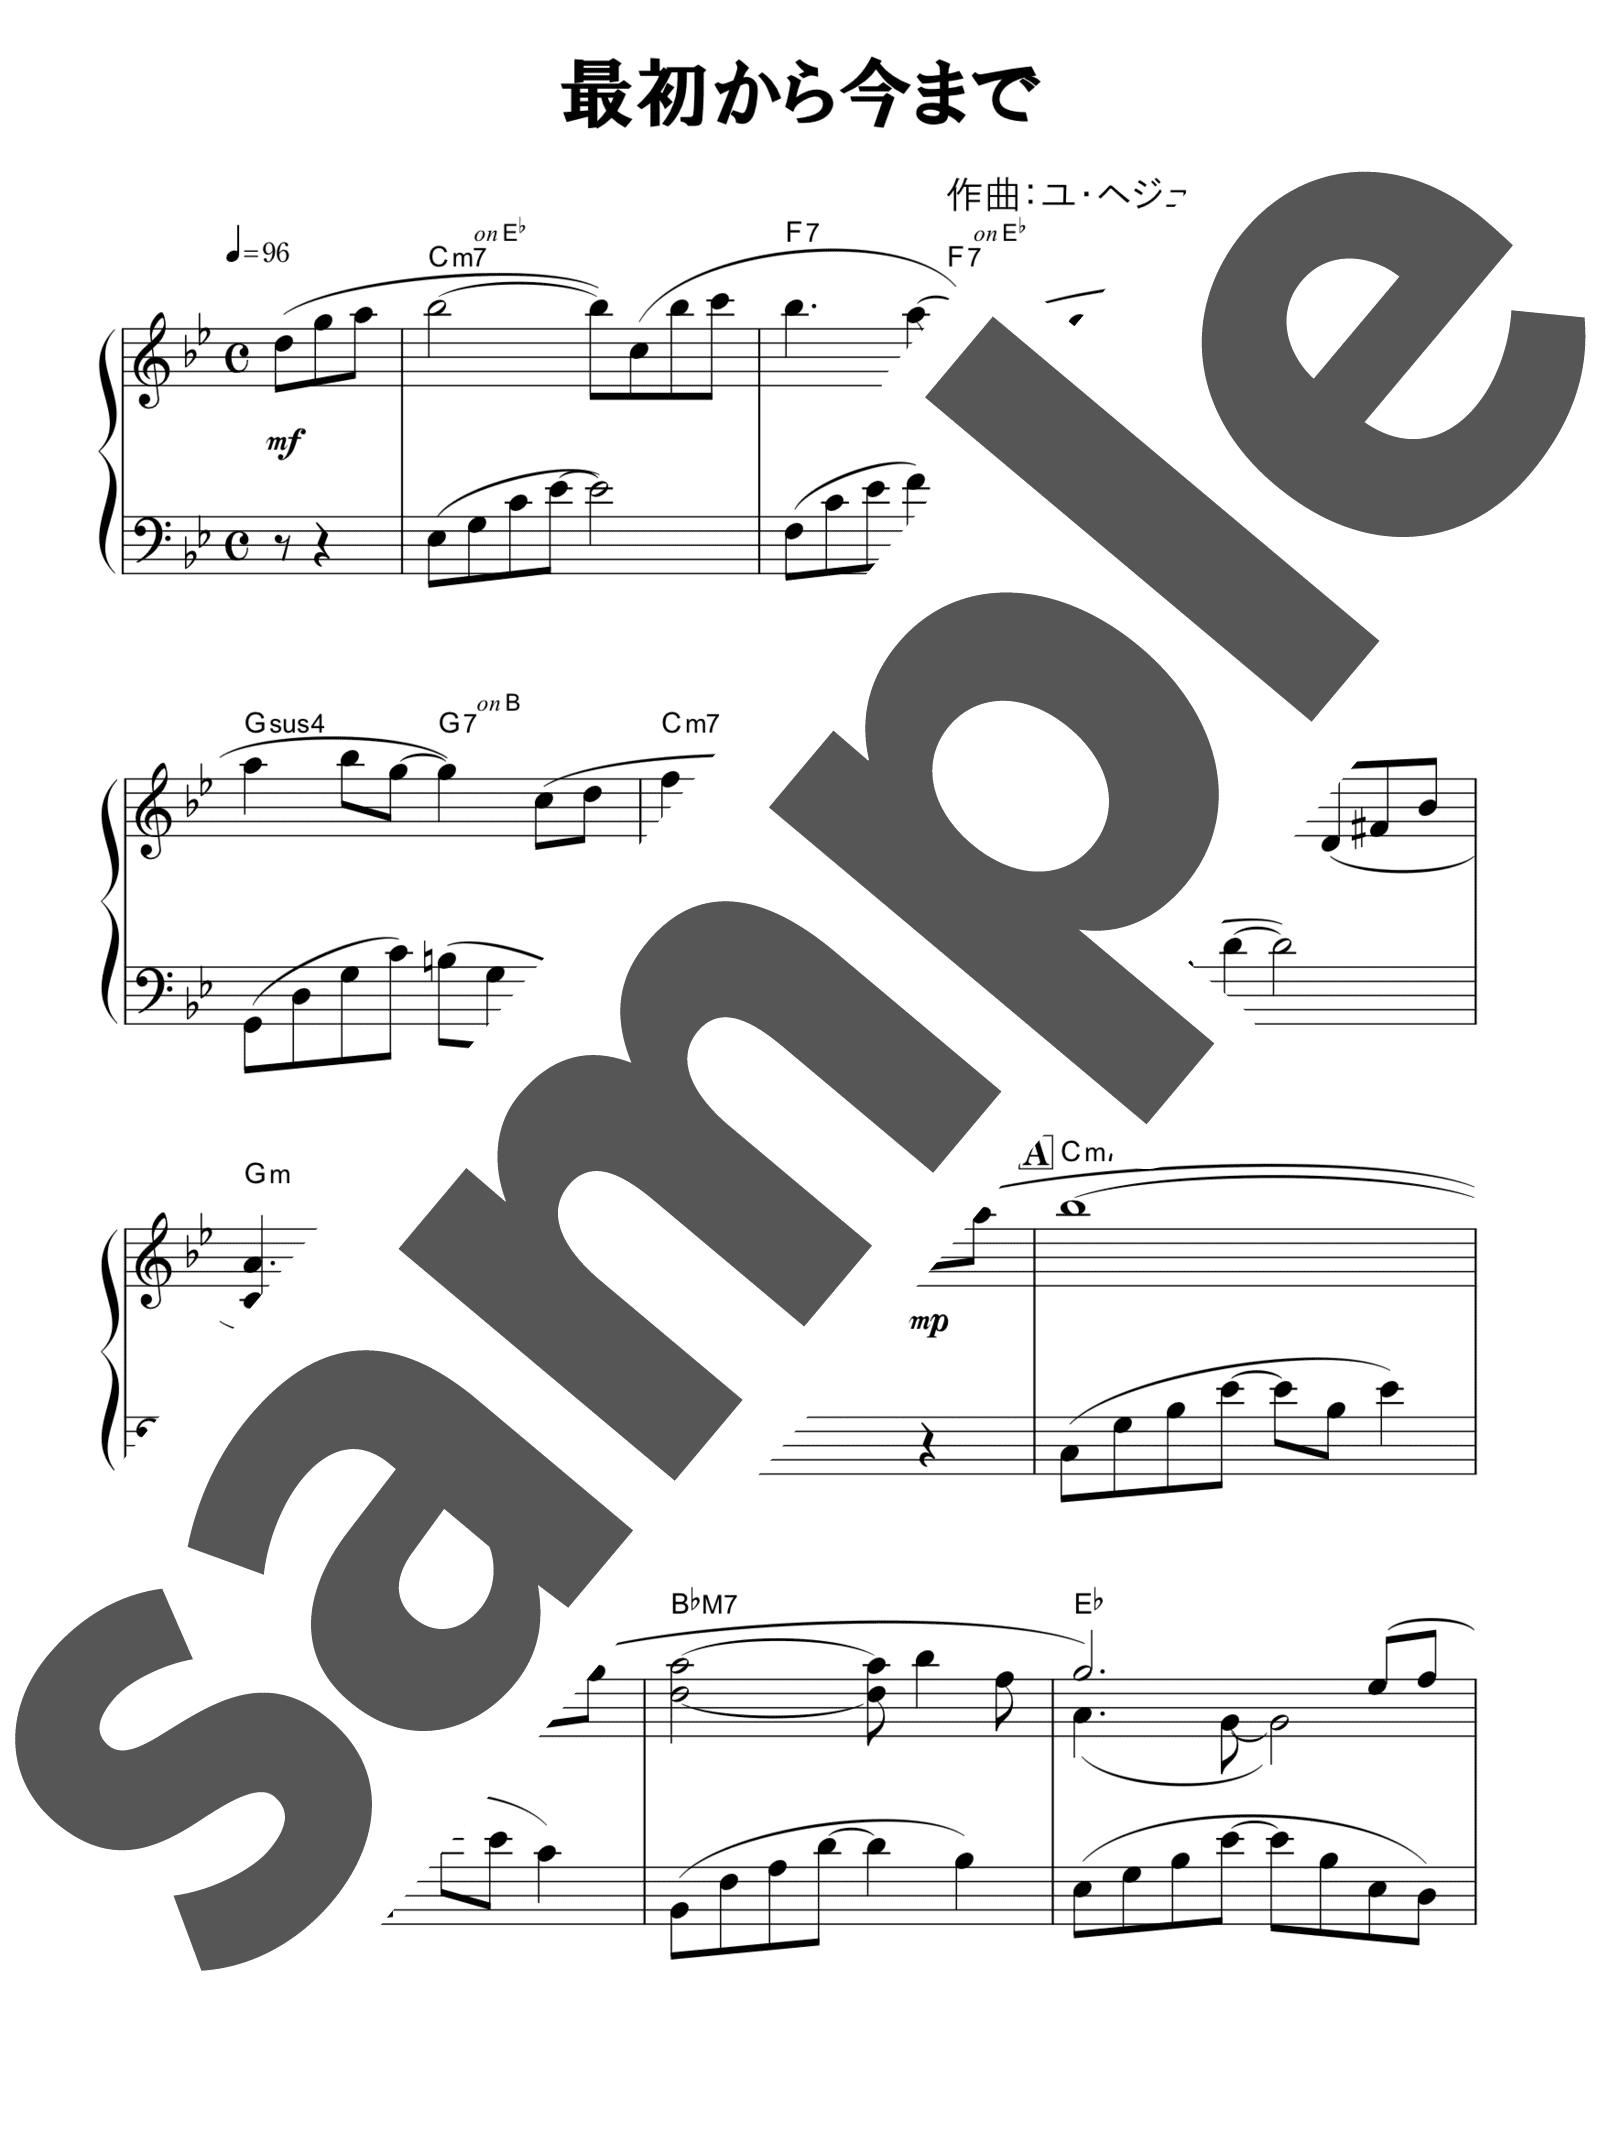 「最初から今まで」のサンプル楽譜